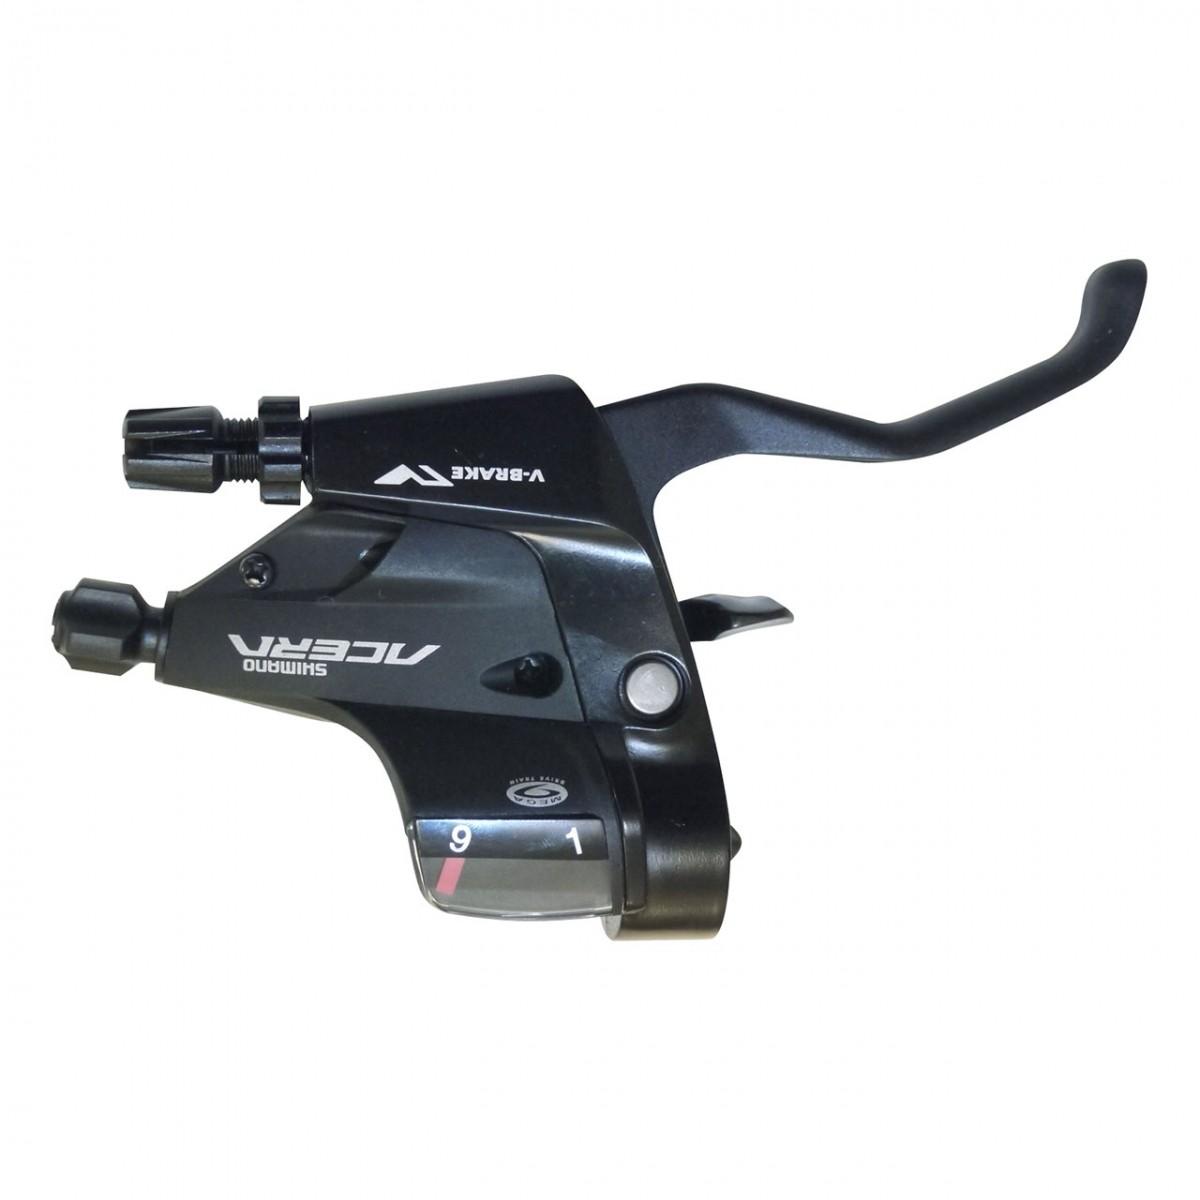 Passadores Shimano Acera M390 27v Rapidfire Plus Com Manete